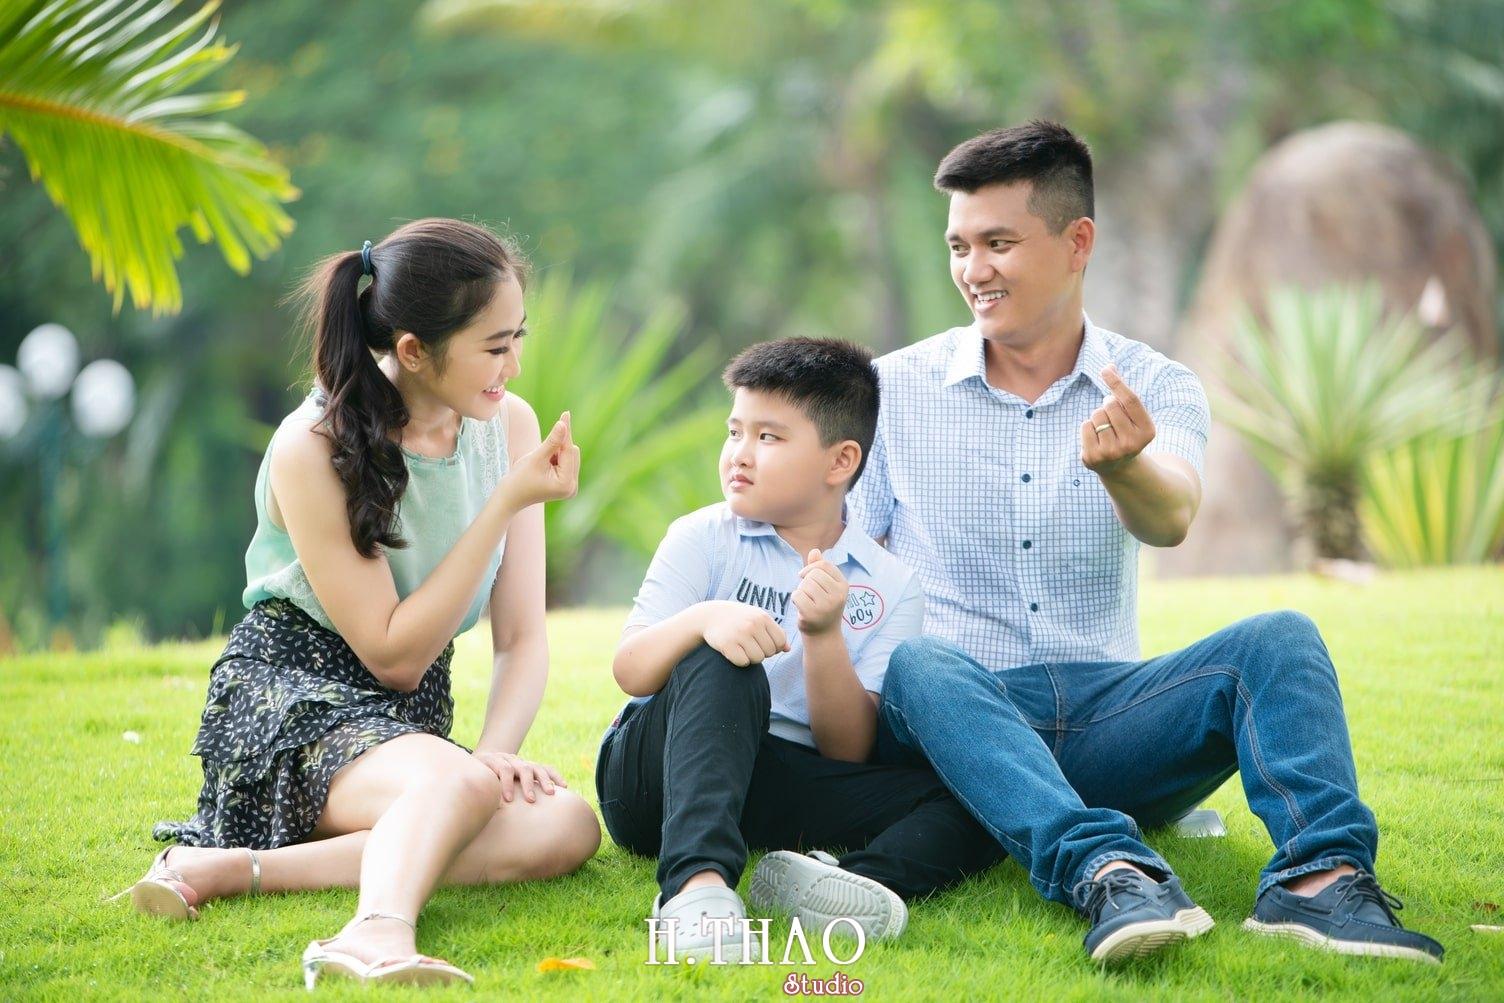 Anh Gia dinh 3 nguoi 16 - Gói chụp ảnh gia đình ngoại cảnh giá rẻ Tp. HCM - HThao Studio